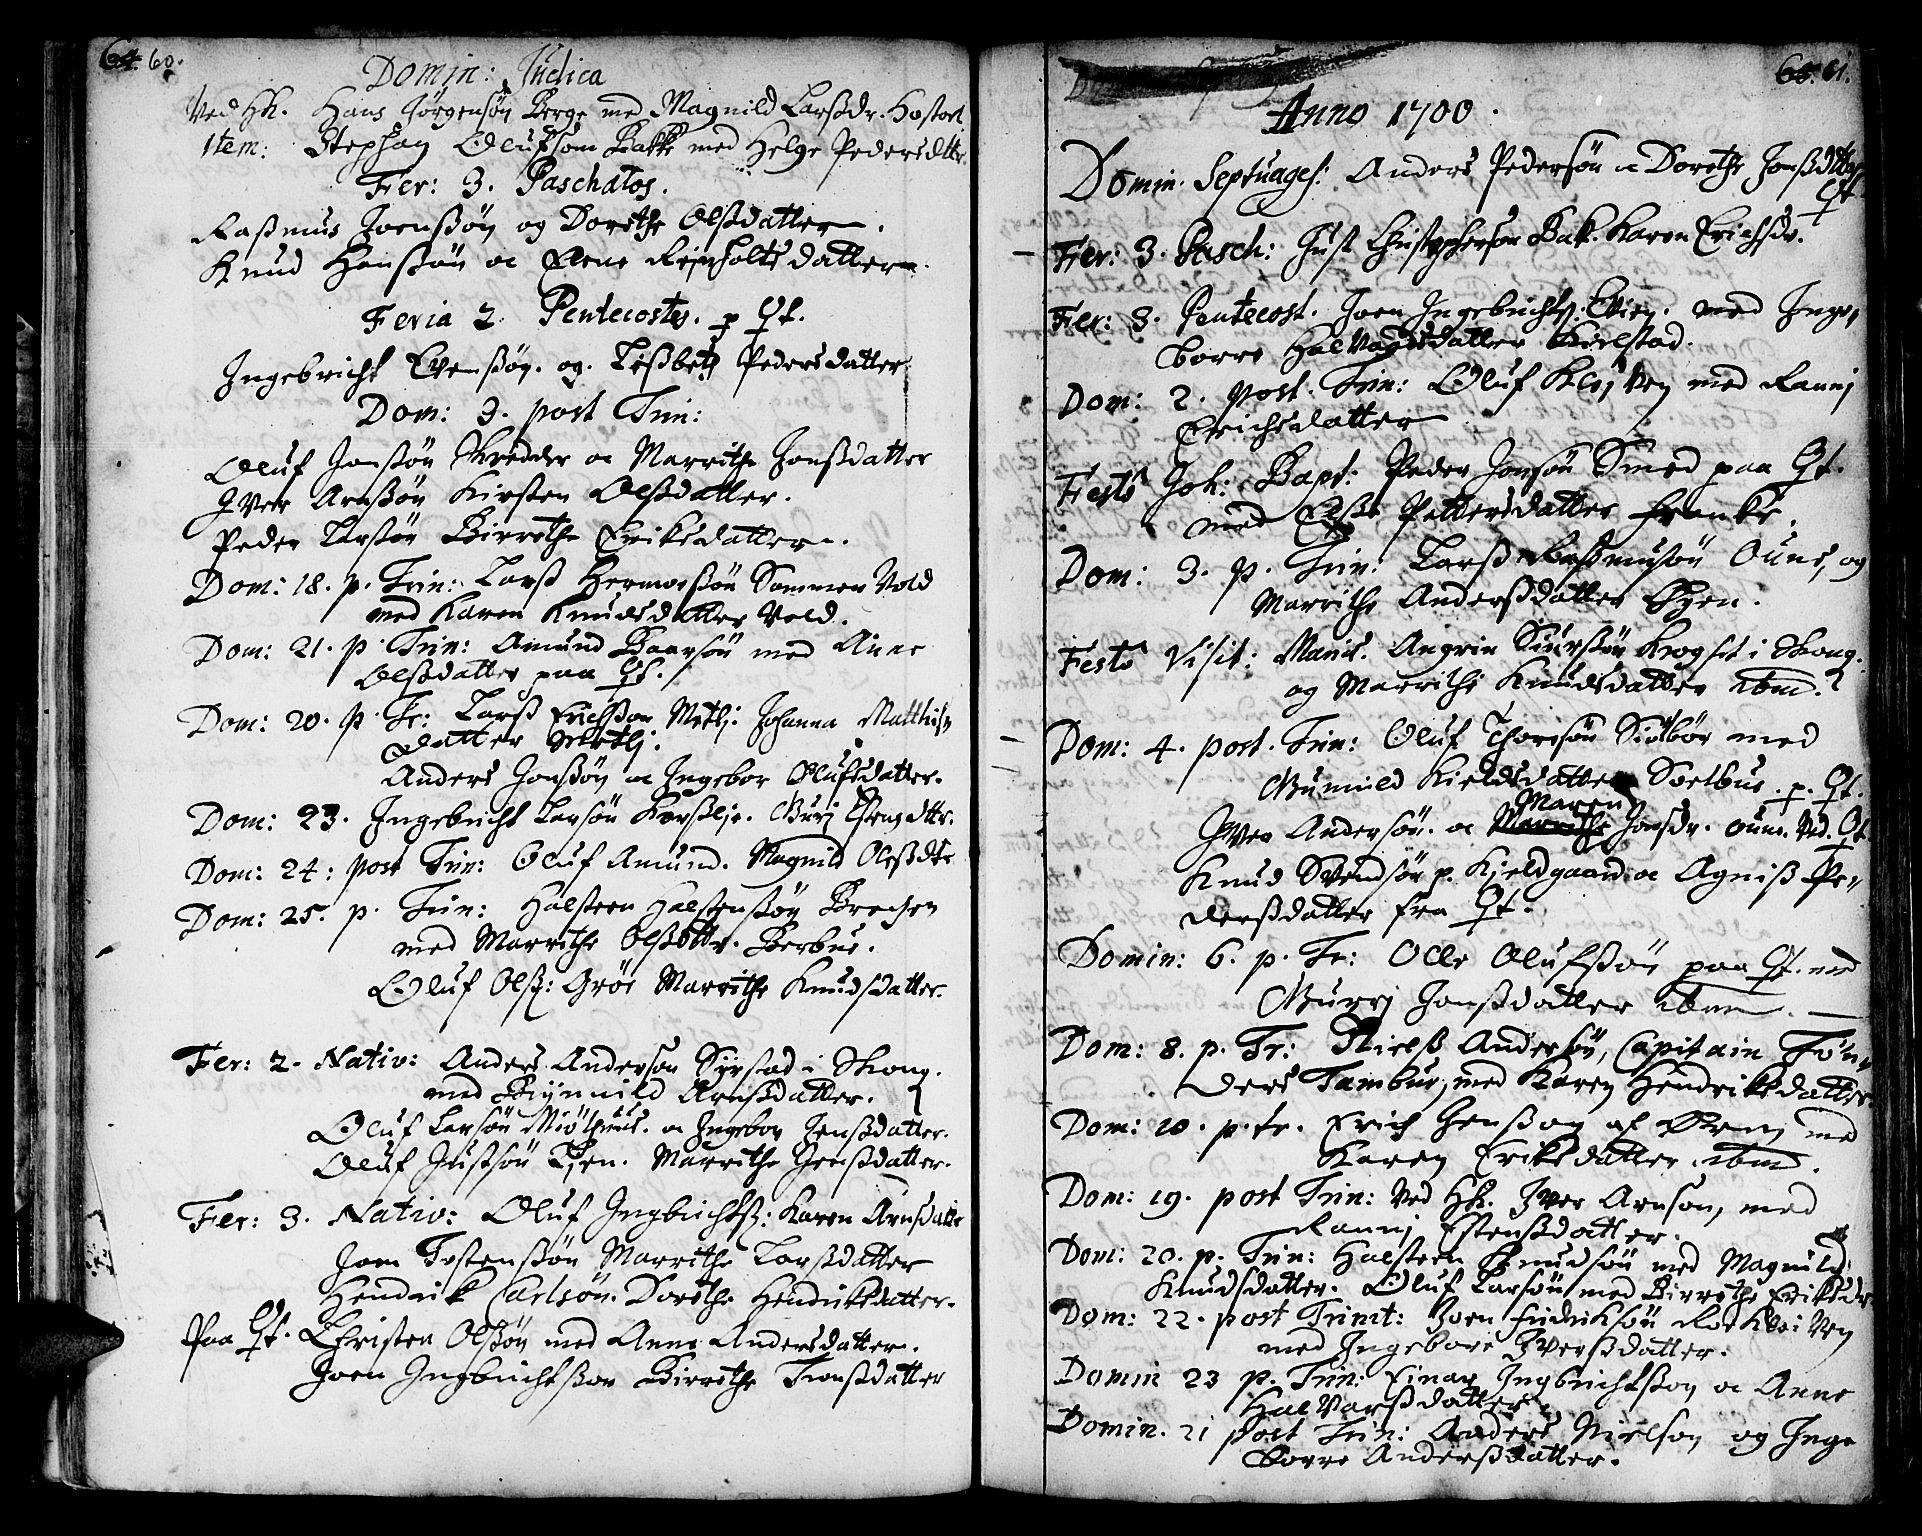 SAT, Ministerialprotokoller, klokkerbøker og fødselsregistre - Sør-Trøndelag, 668/L0801: Ministerialbok nr. 668A01, 1695-1716, s. 60-61